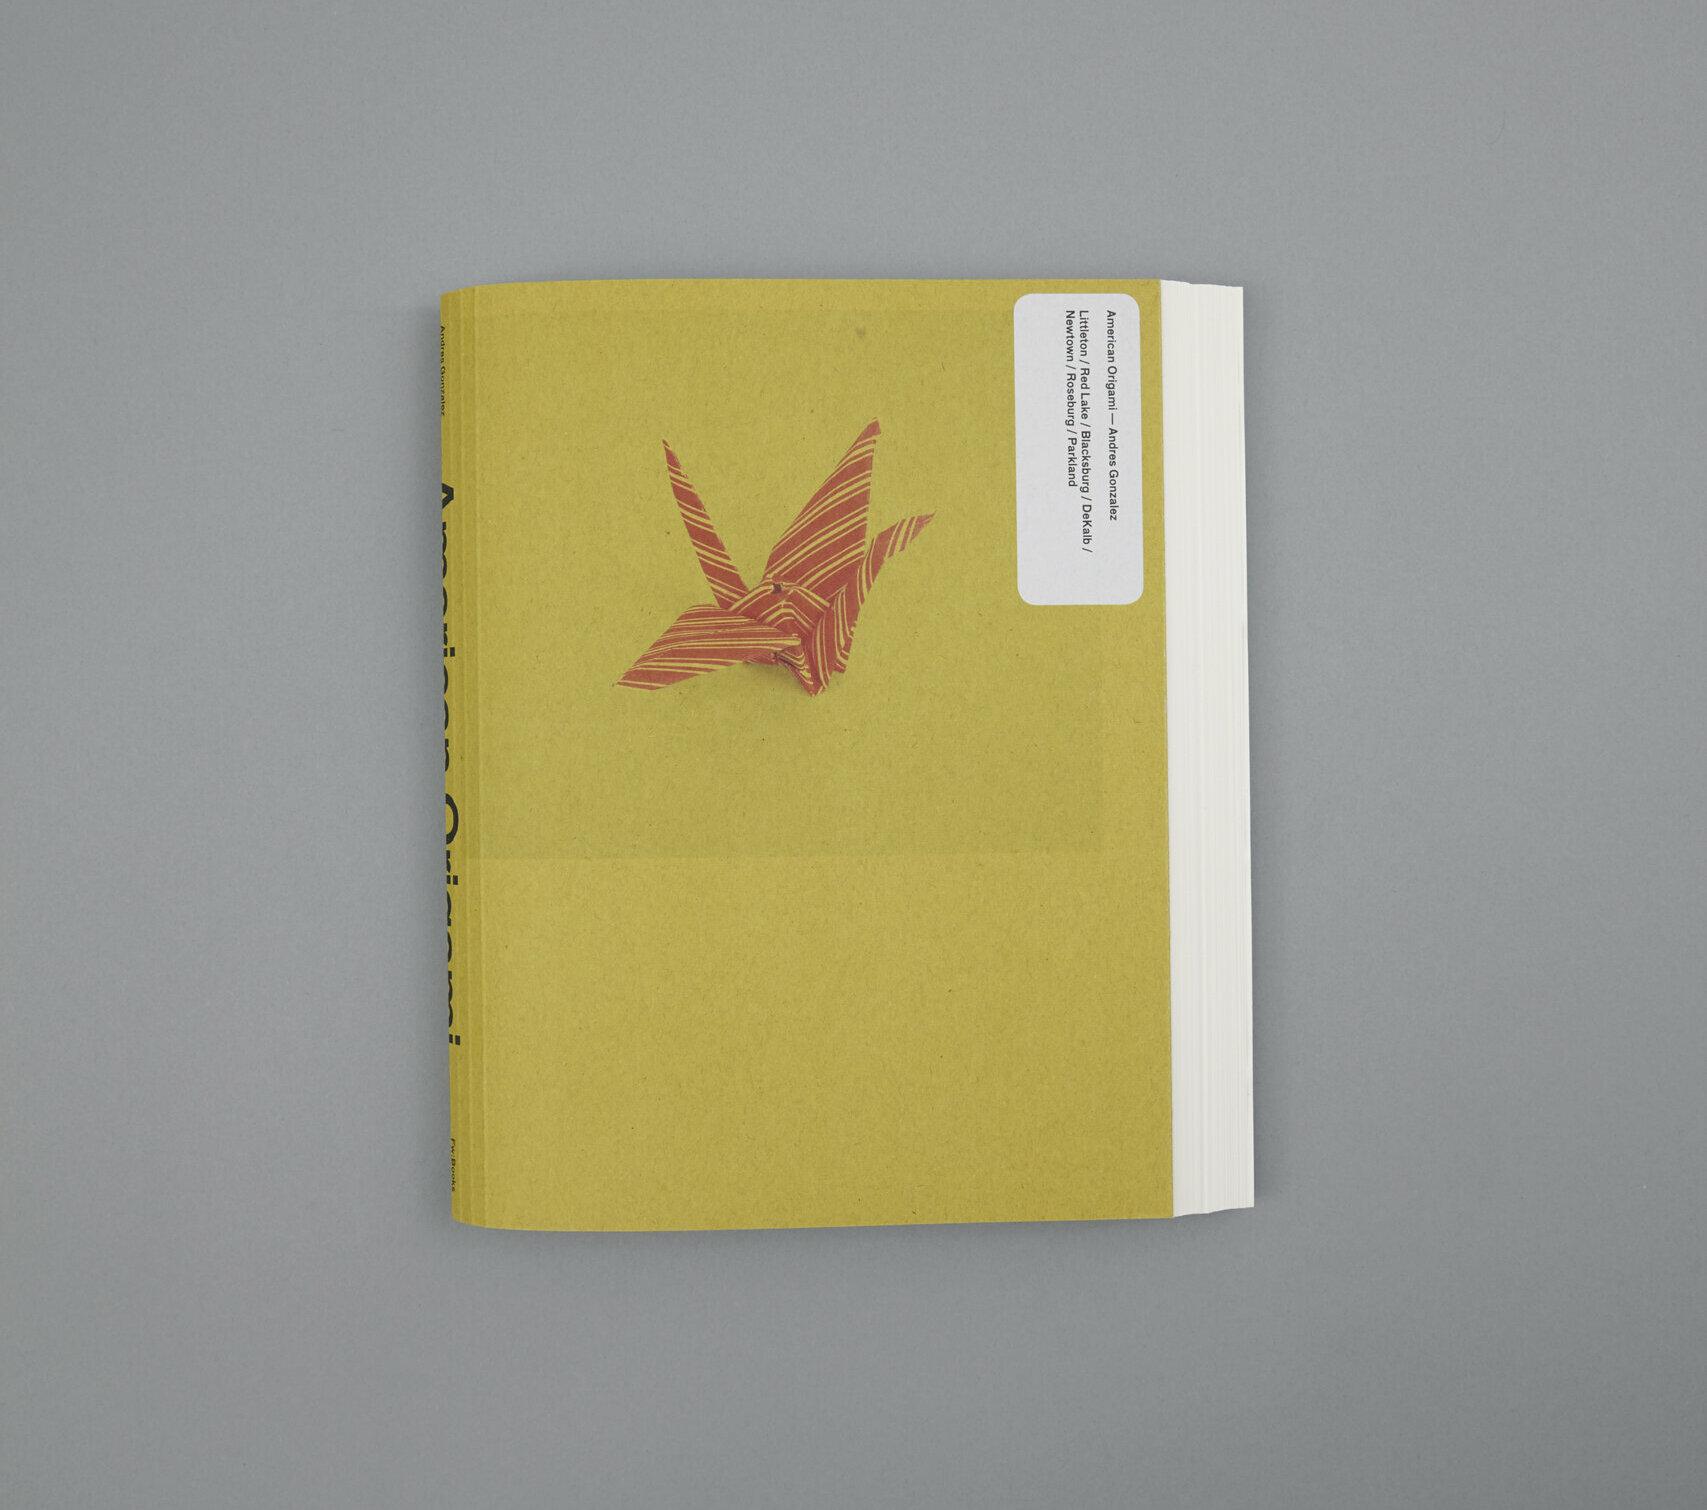 gonzalez-american-origami-delpire-co